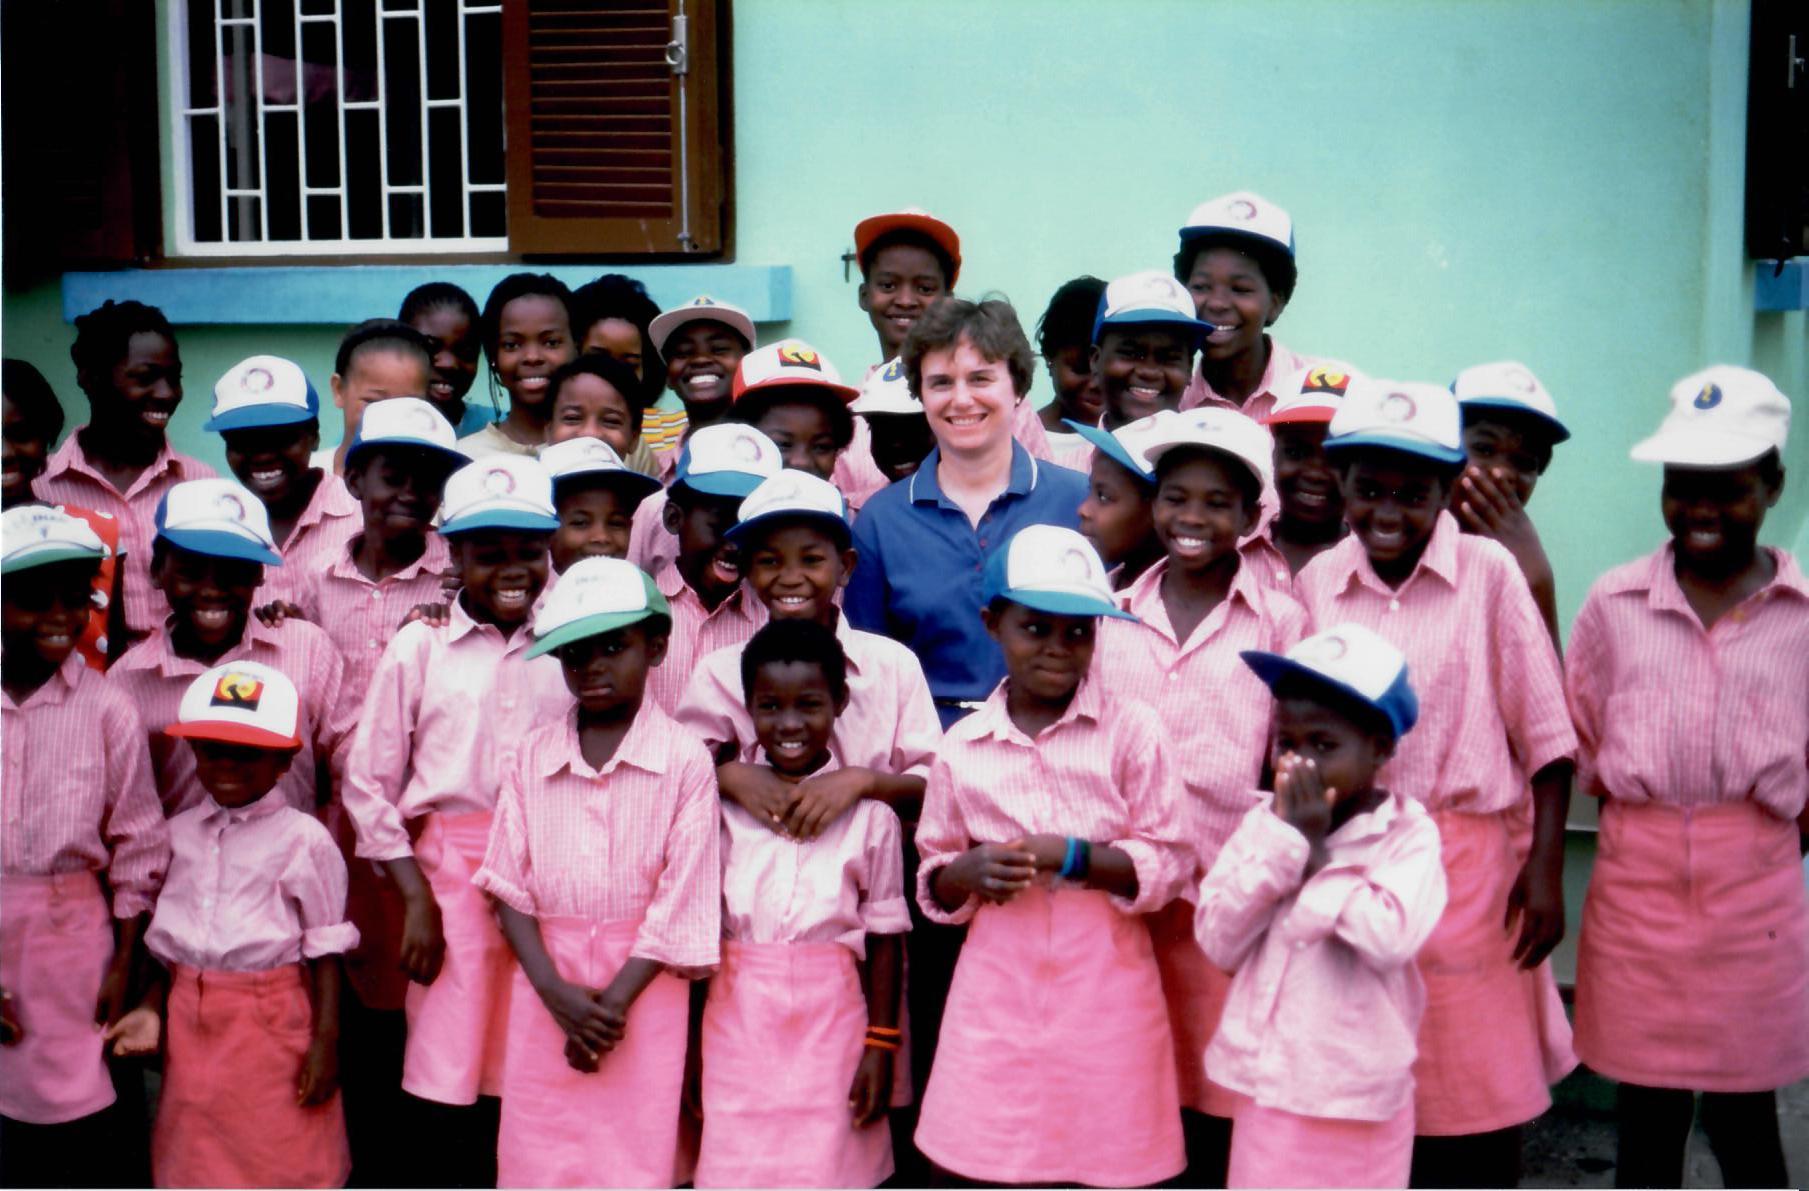 Angola Girls' School (1996)